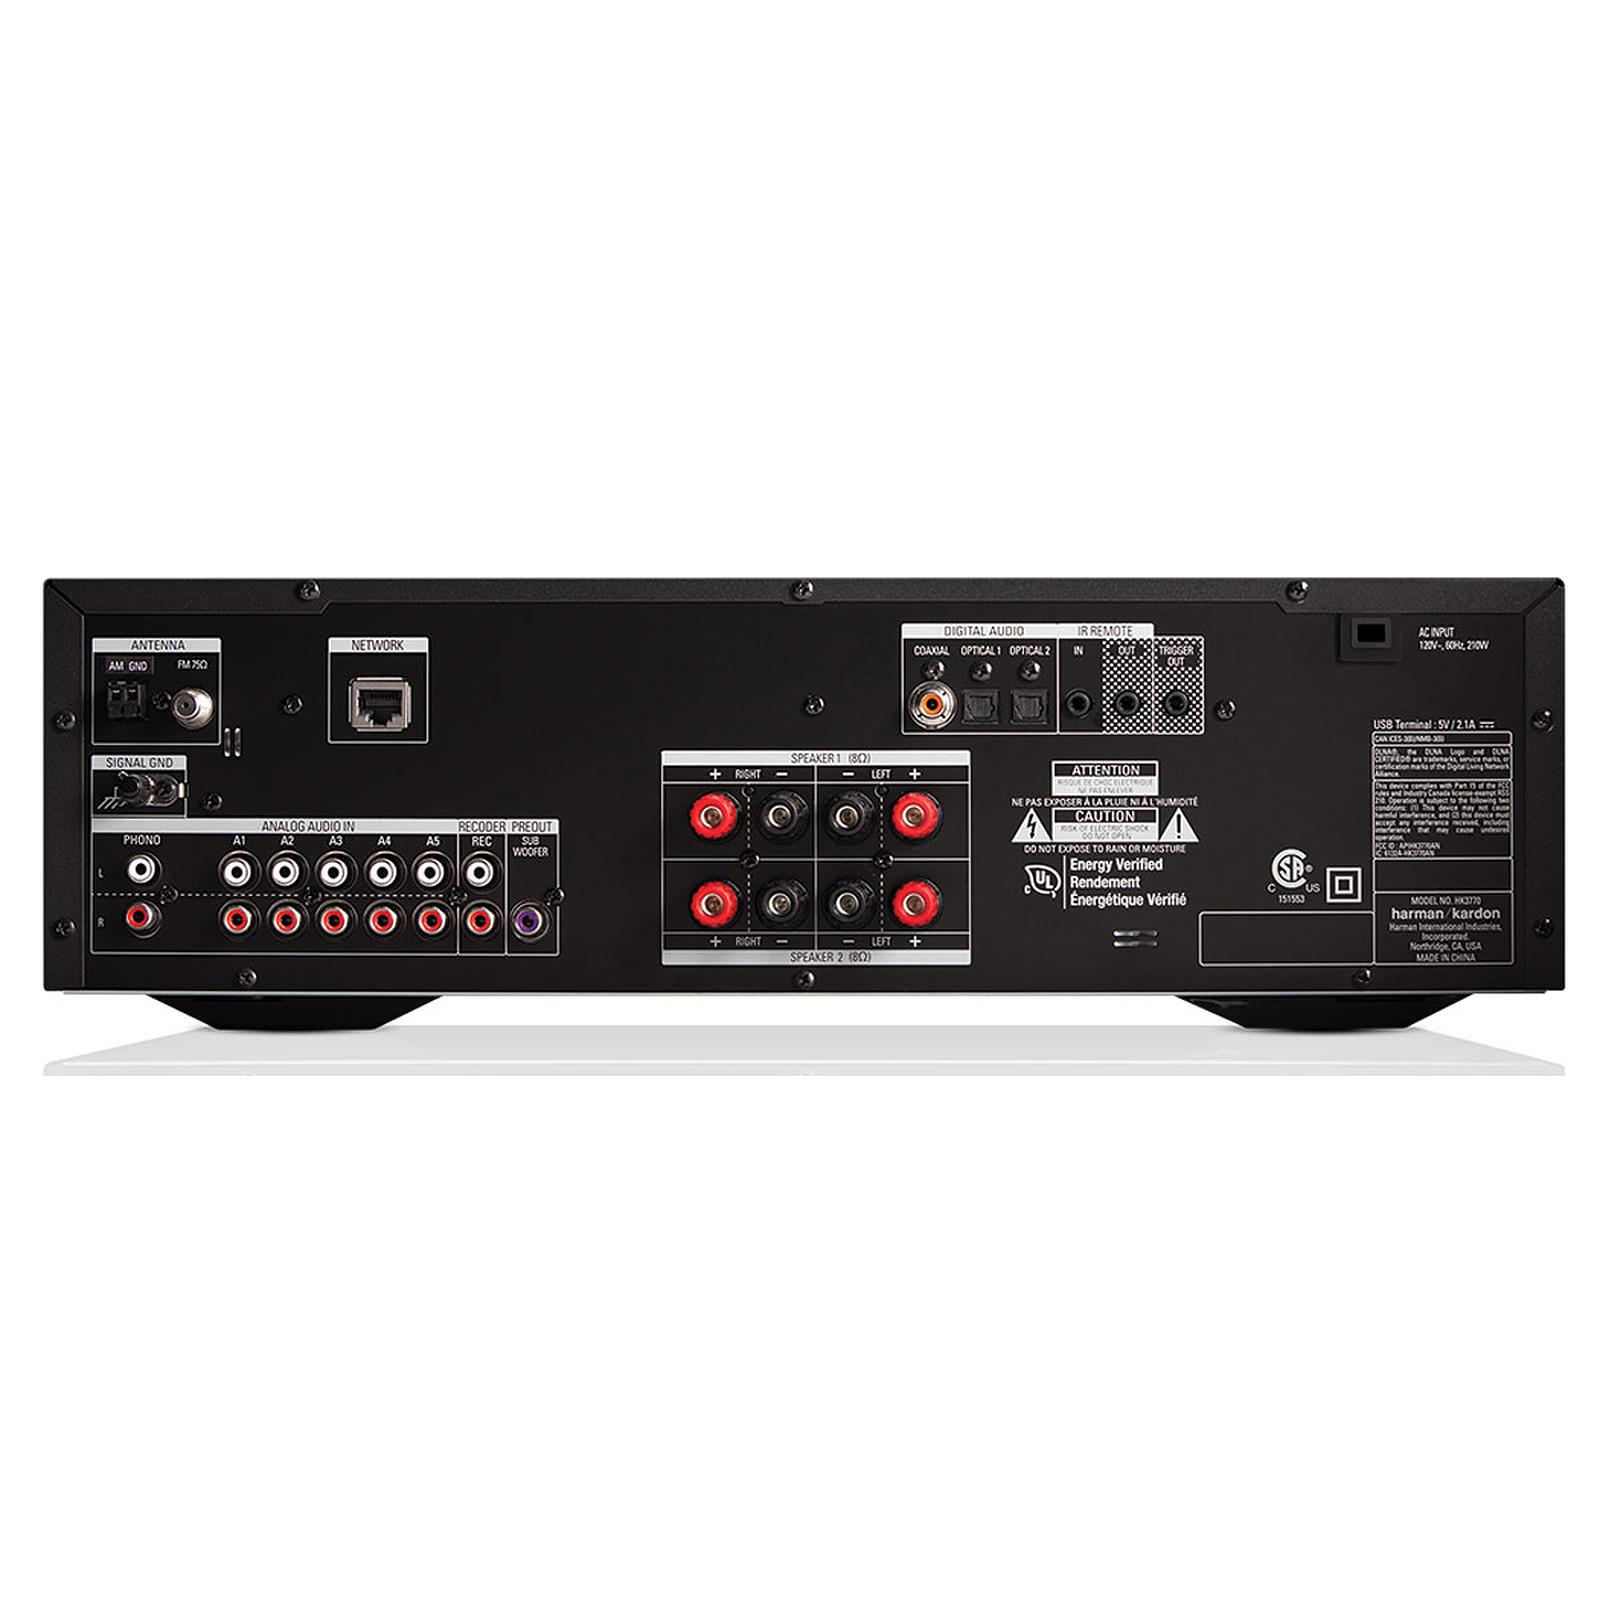 harman kardon hk3770 amplificador hifi harman kardon en. Black Bedroom Furniture Sets. Home Design Ideas